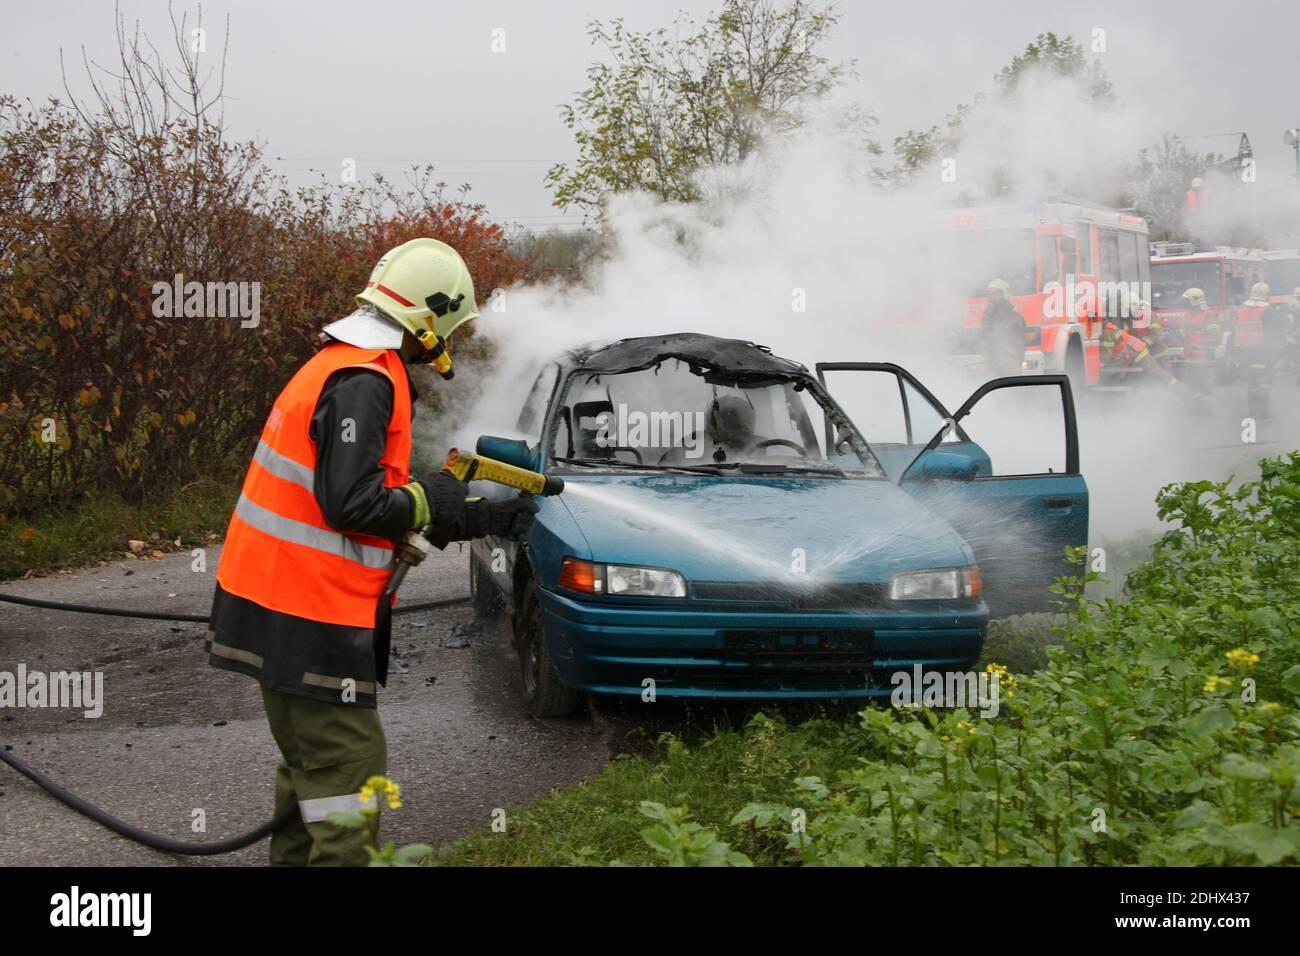 Feuerwehr loescht ein brennendes Auto, Verkehrsunfall, Stock Photo